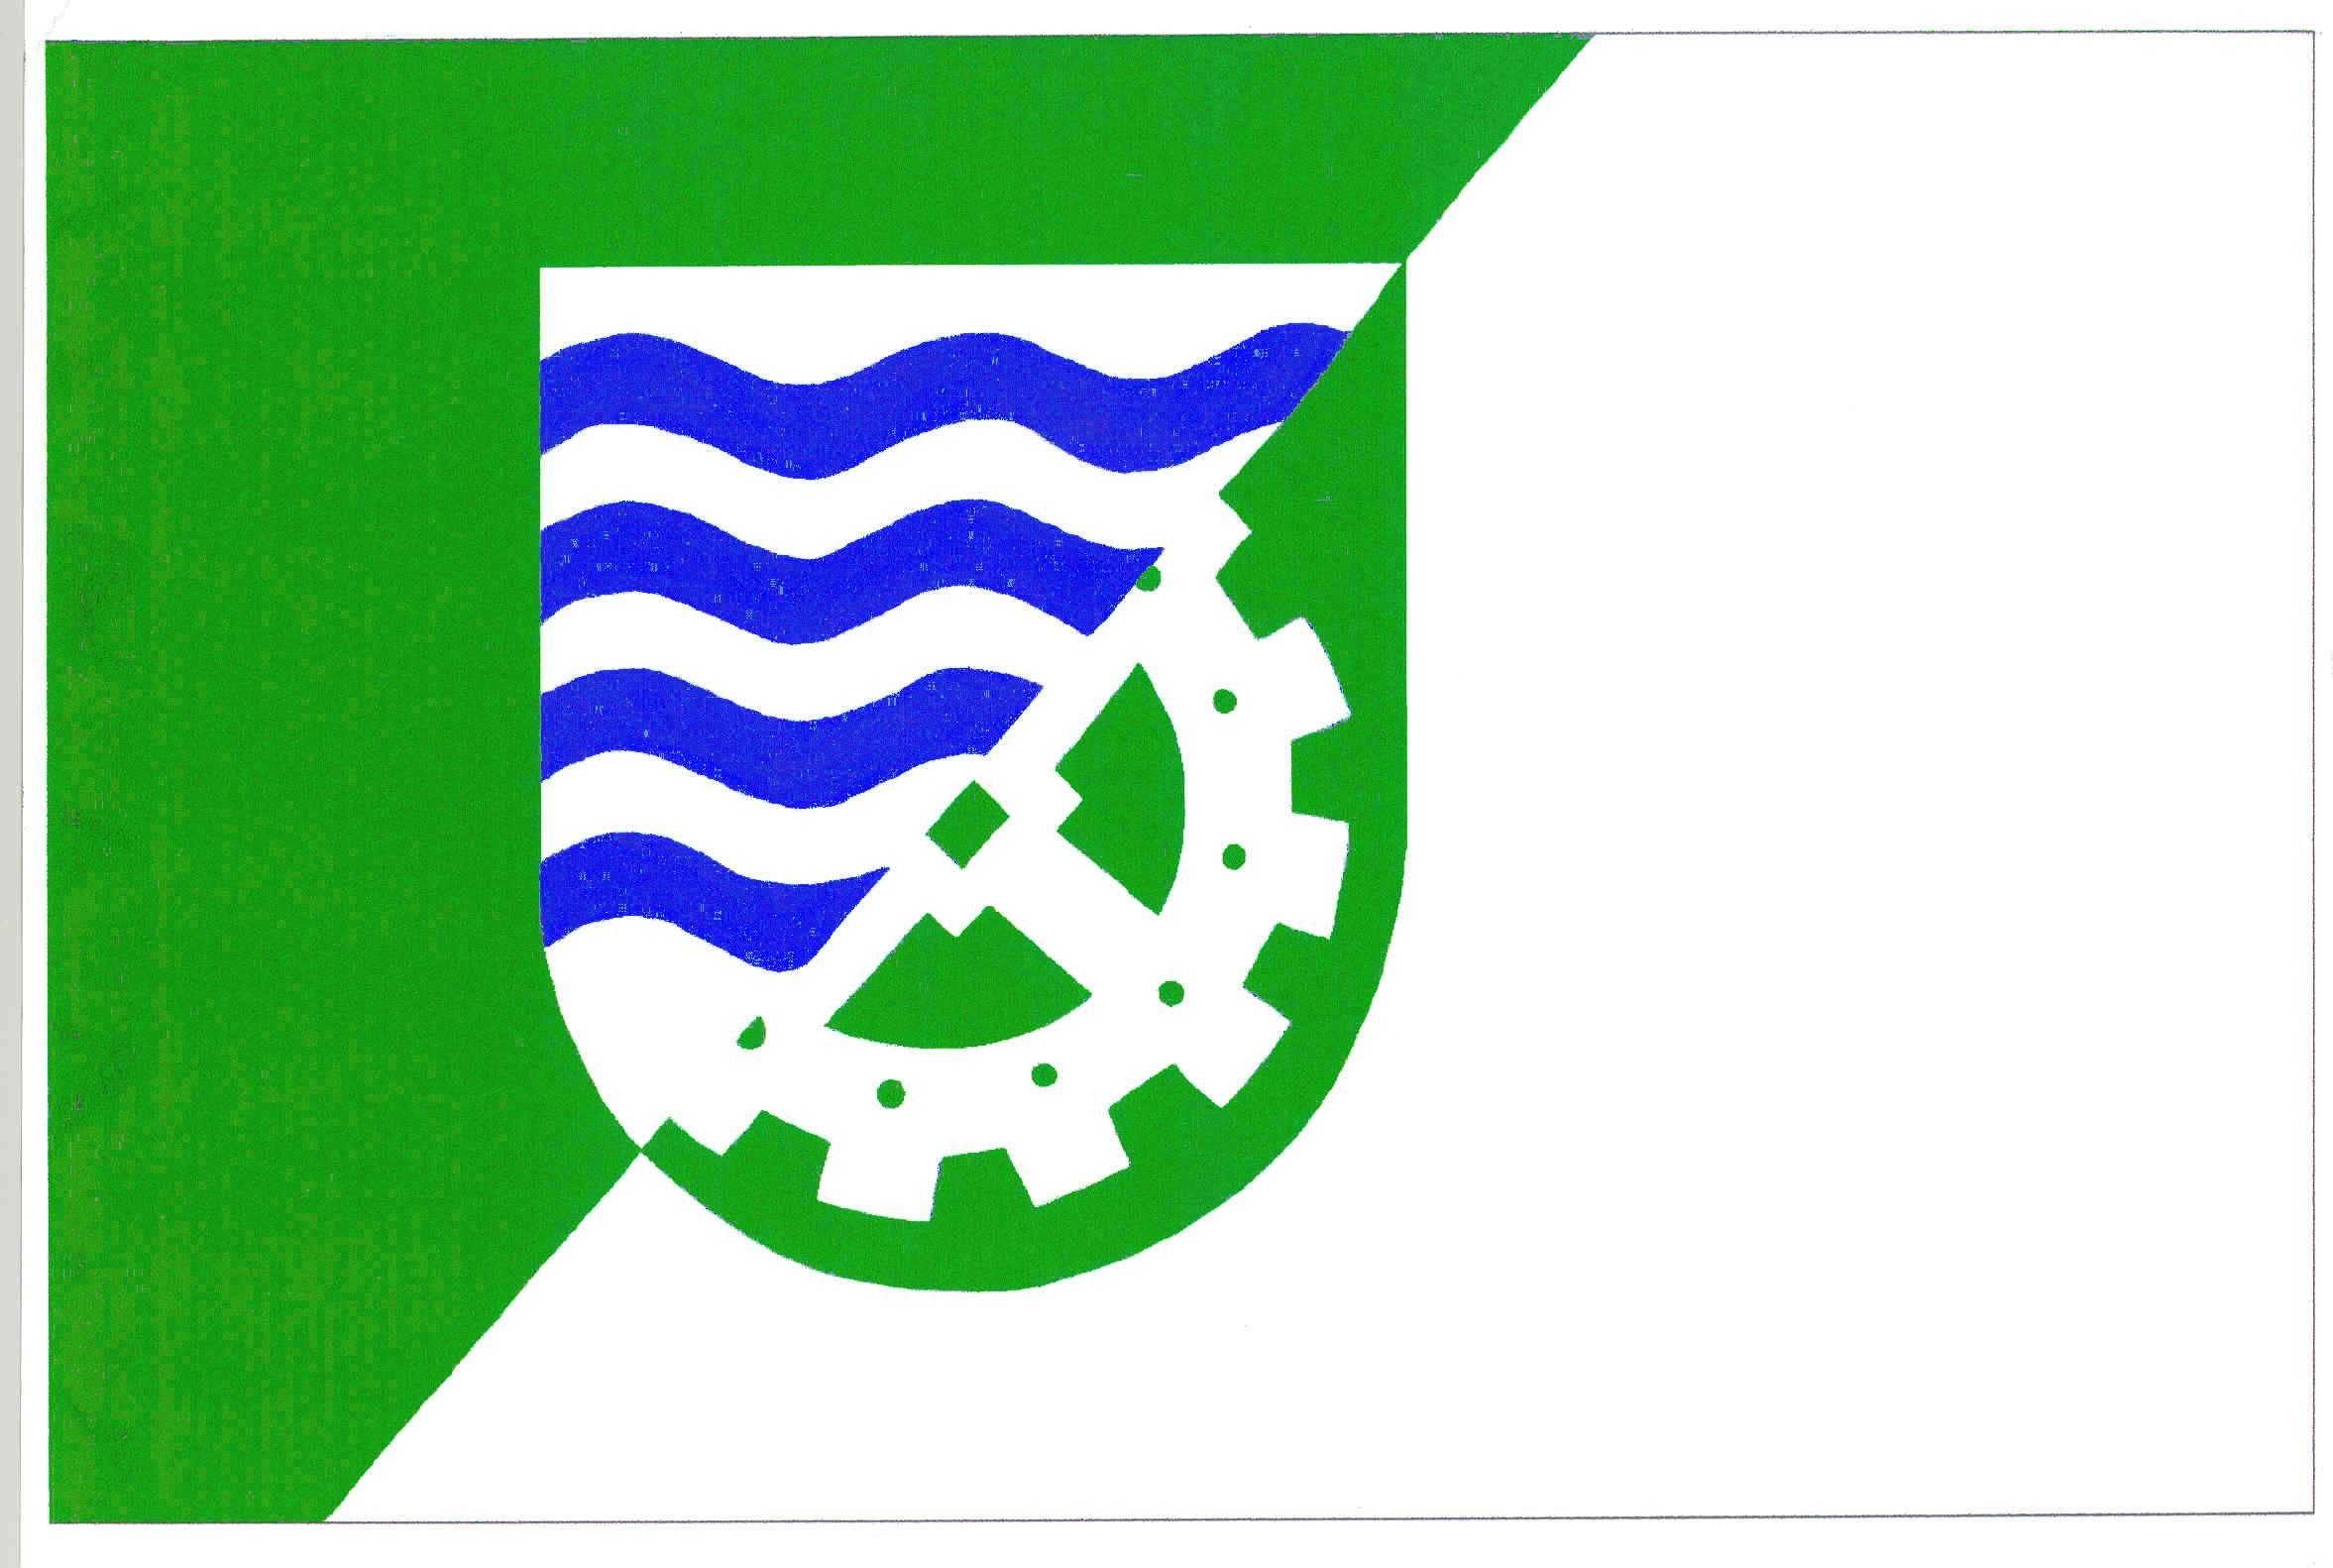 Flagge GemeindeLägerdorf, Kreis Steinburg